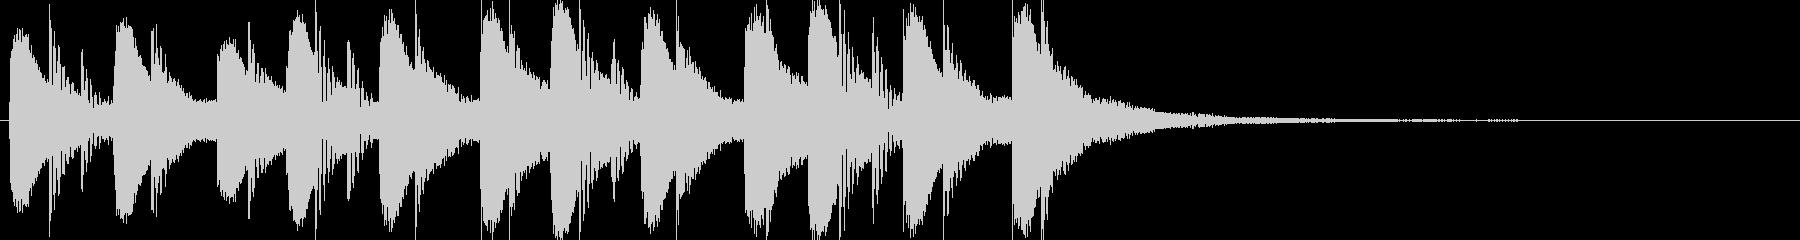 ドラム/ティンバレス フィルイン 21の未再生の波形